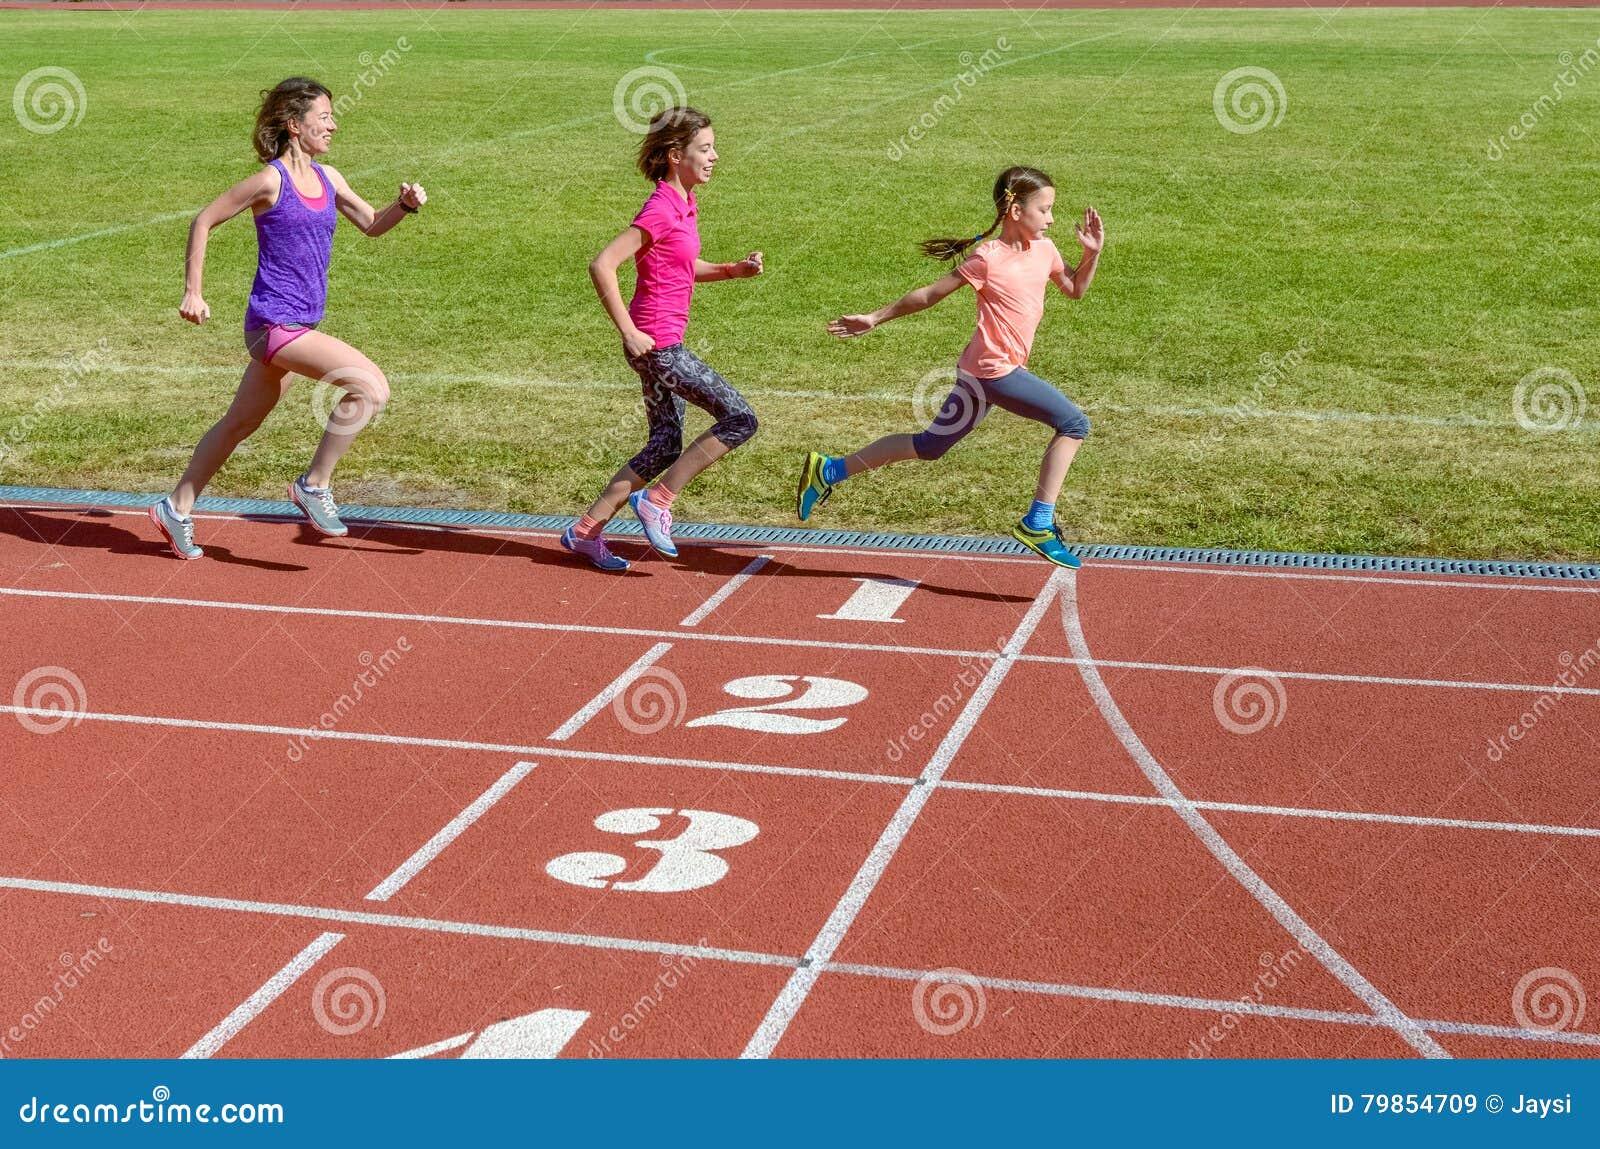 Esporte, mãe e crianças da família correndo na trilha do estádio, no treinamento e na aptidão das crianças